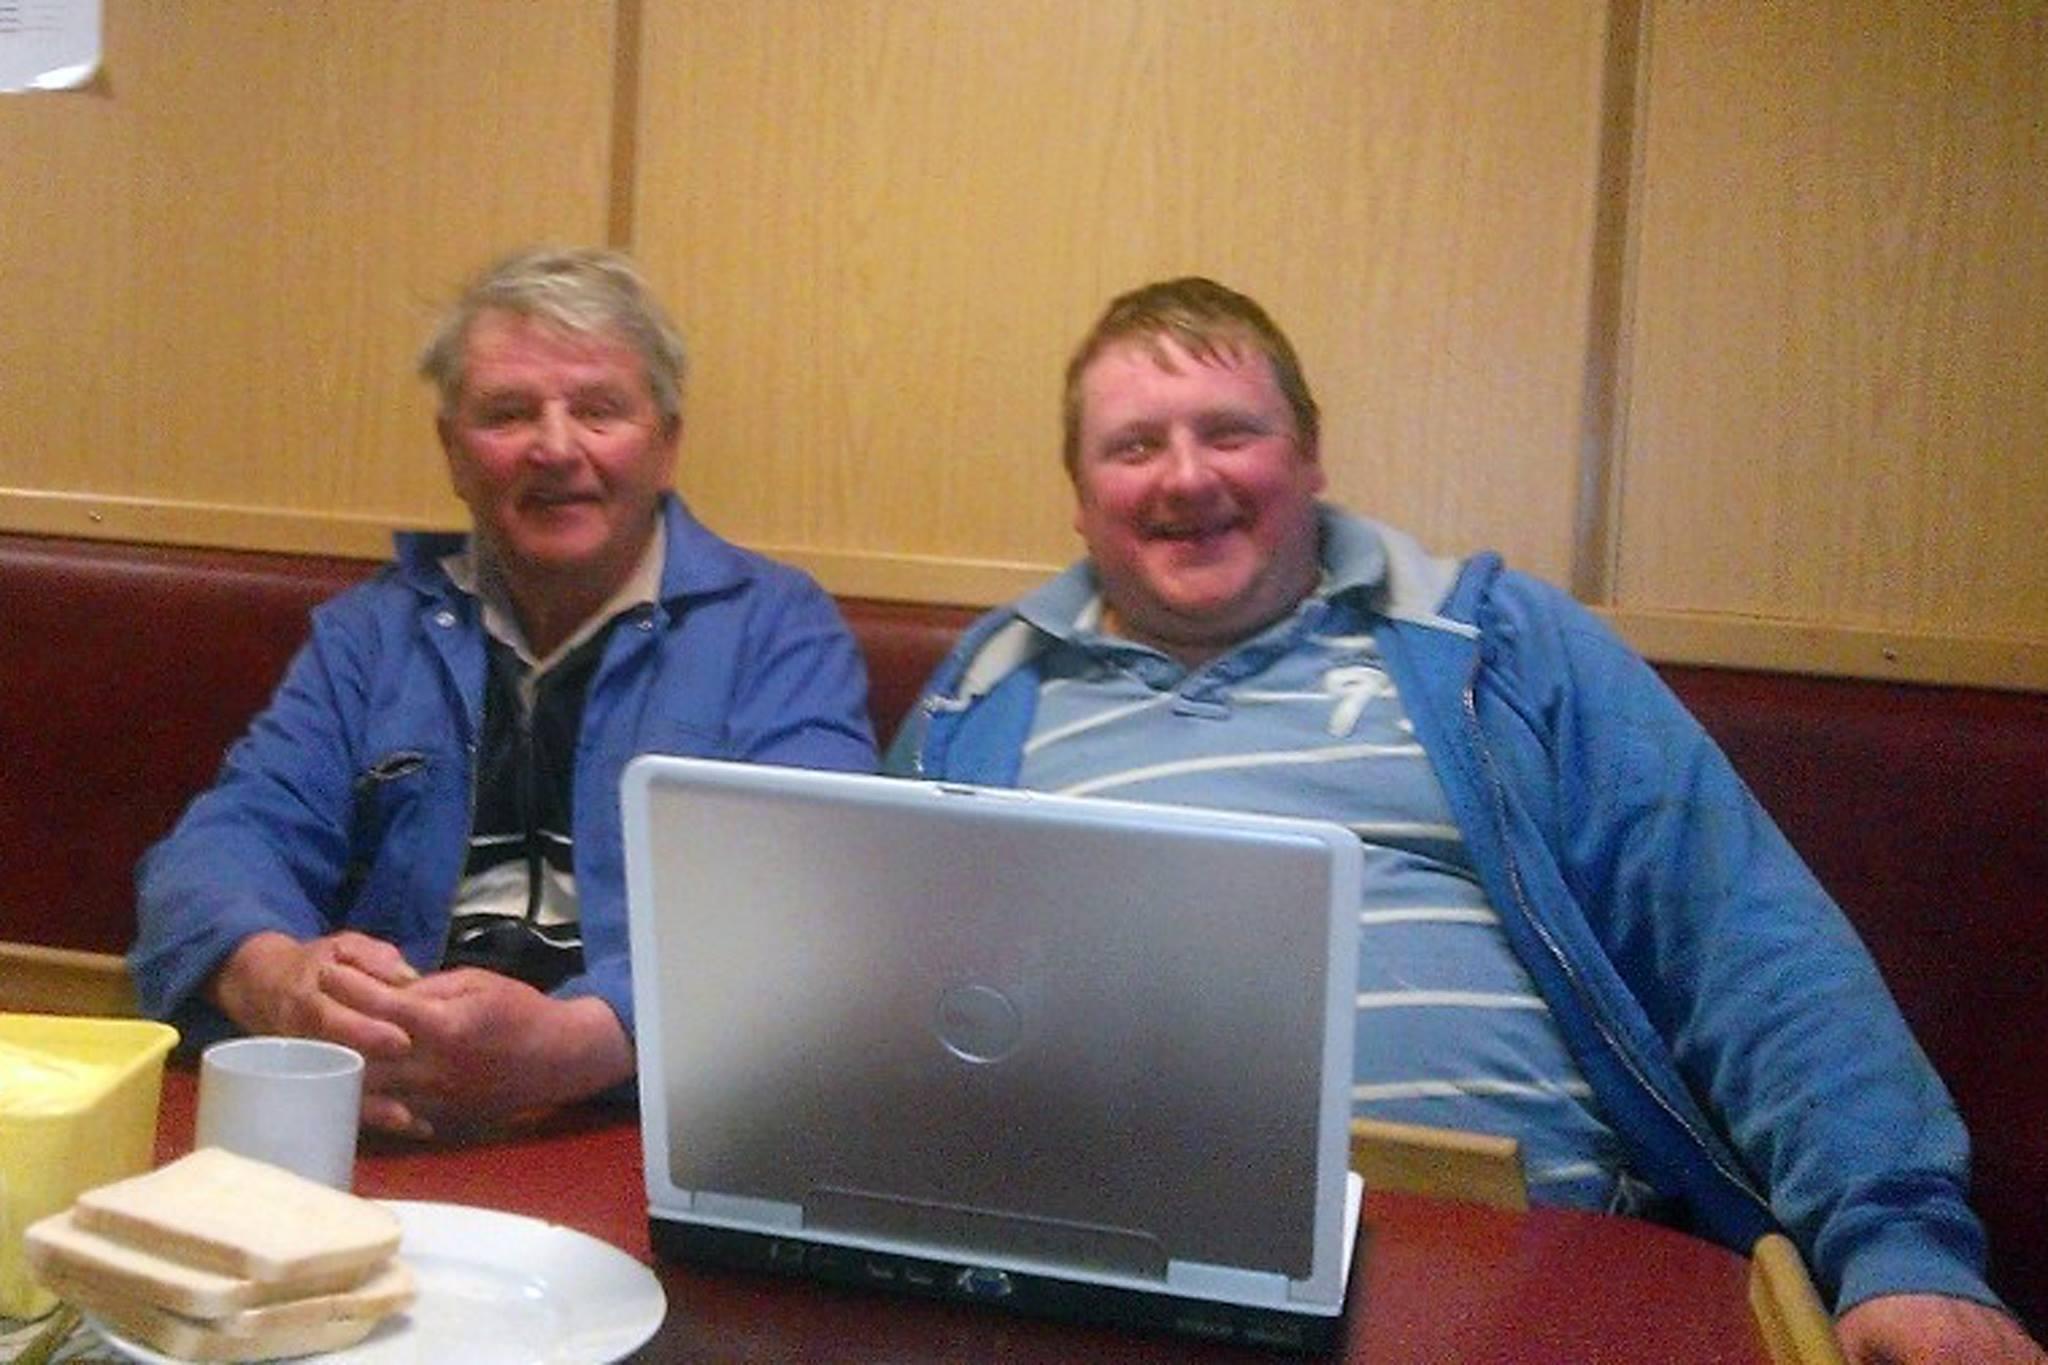 Jim Reid, 70, and grandson David irvine, 35